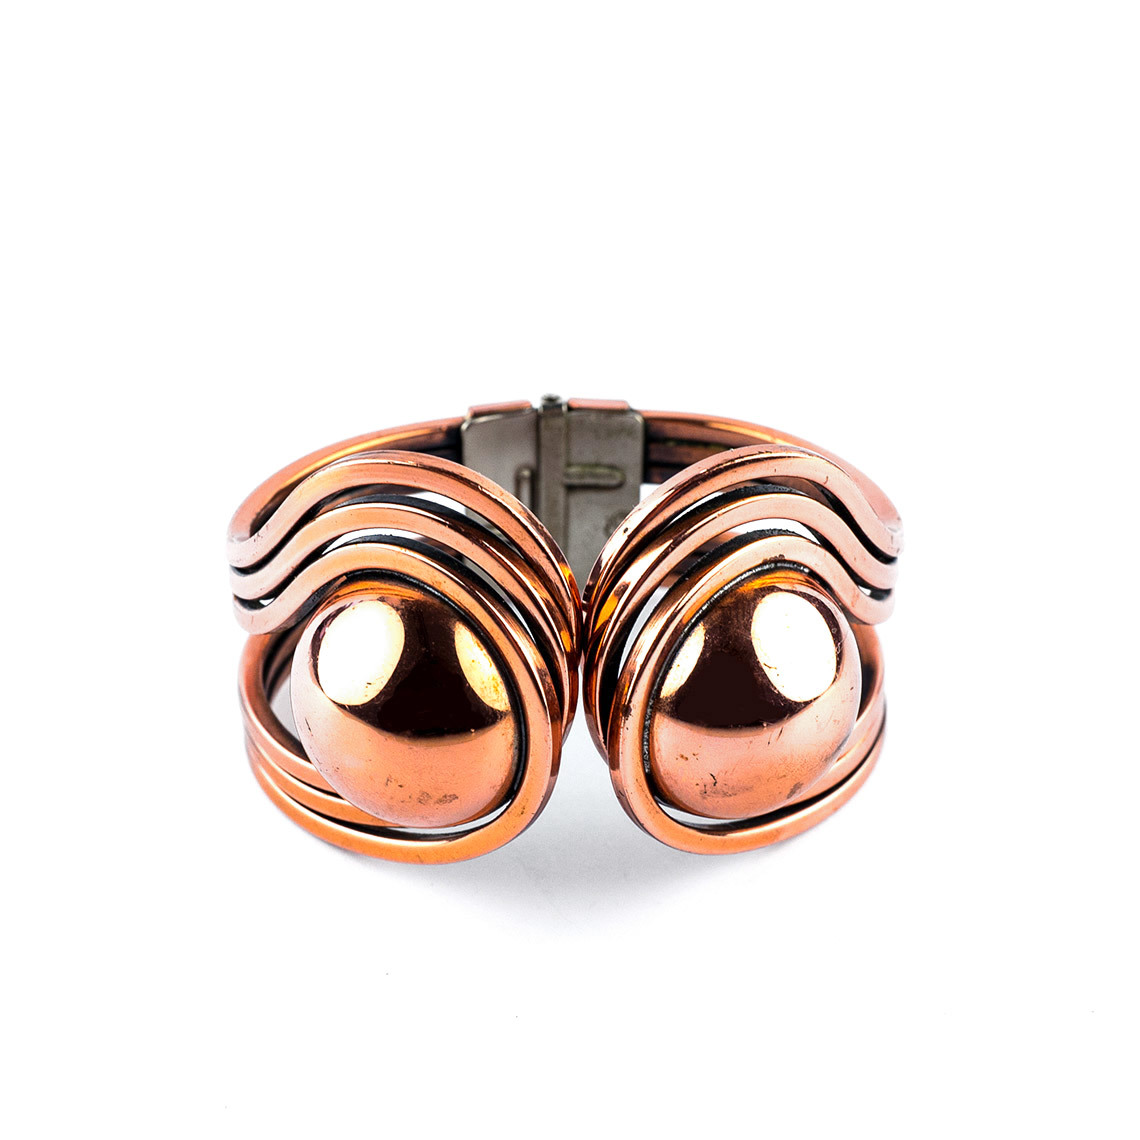 Copper Cuff Bangle